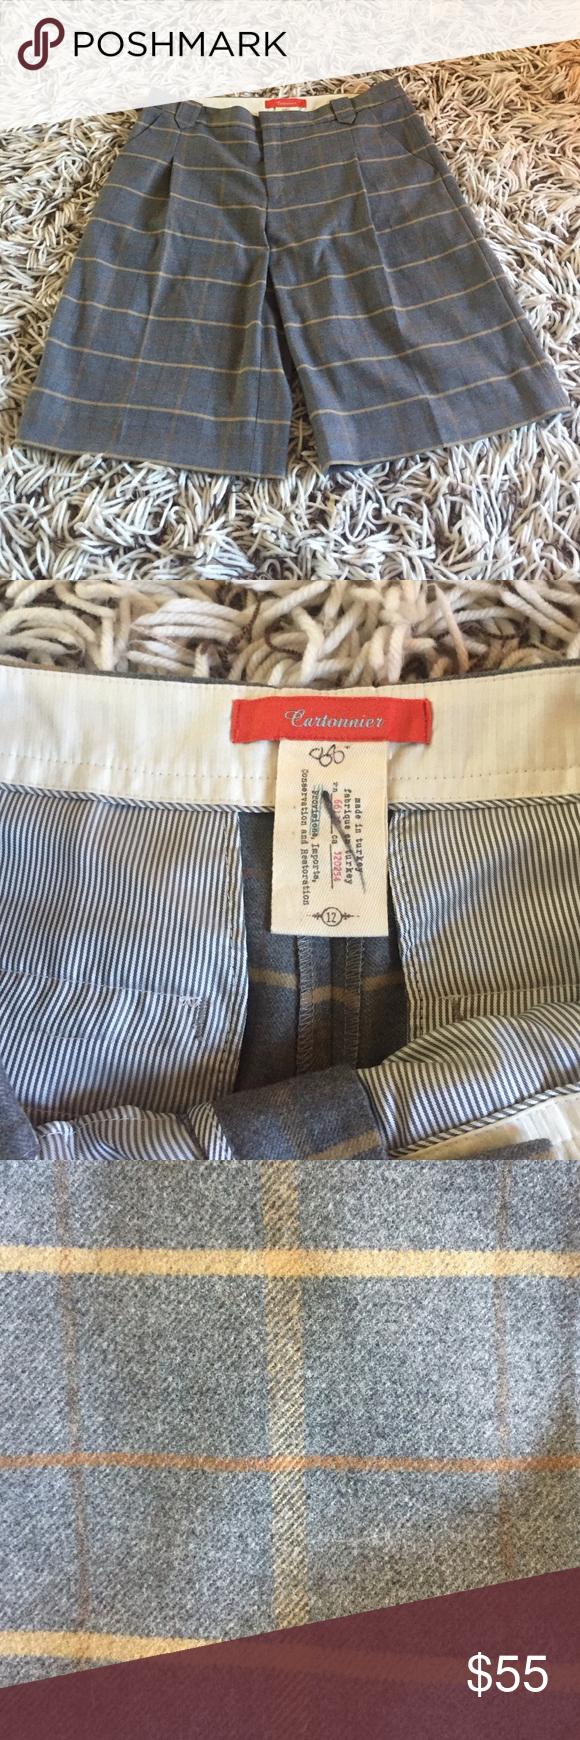 """Anthropologie Cartonnier Plaid Trouser Shorts New without tags Cartonnier Anthropologie Plaid Bermuda Trouser Shorts. Size- 12. Measurements: Waist- 36"""", Hip- 45"""", Inseam- 13"""", Rise- 10.5"""". Tag has a line through to prevent store returns. cartonnier Pants Trousers"""